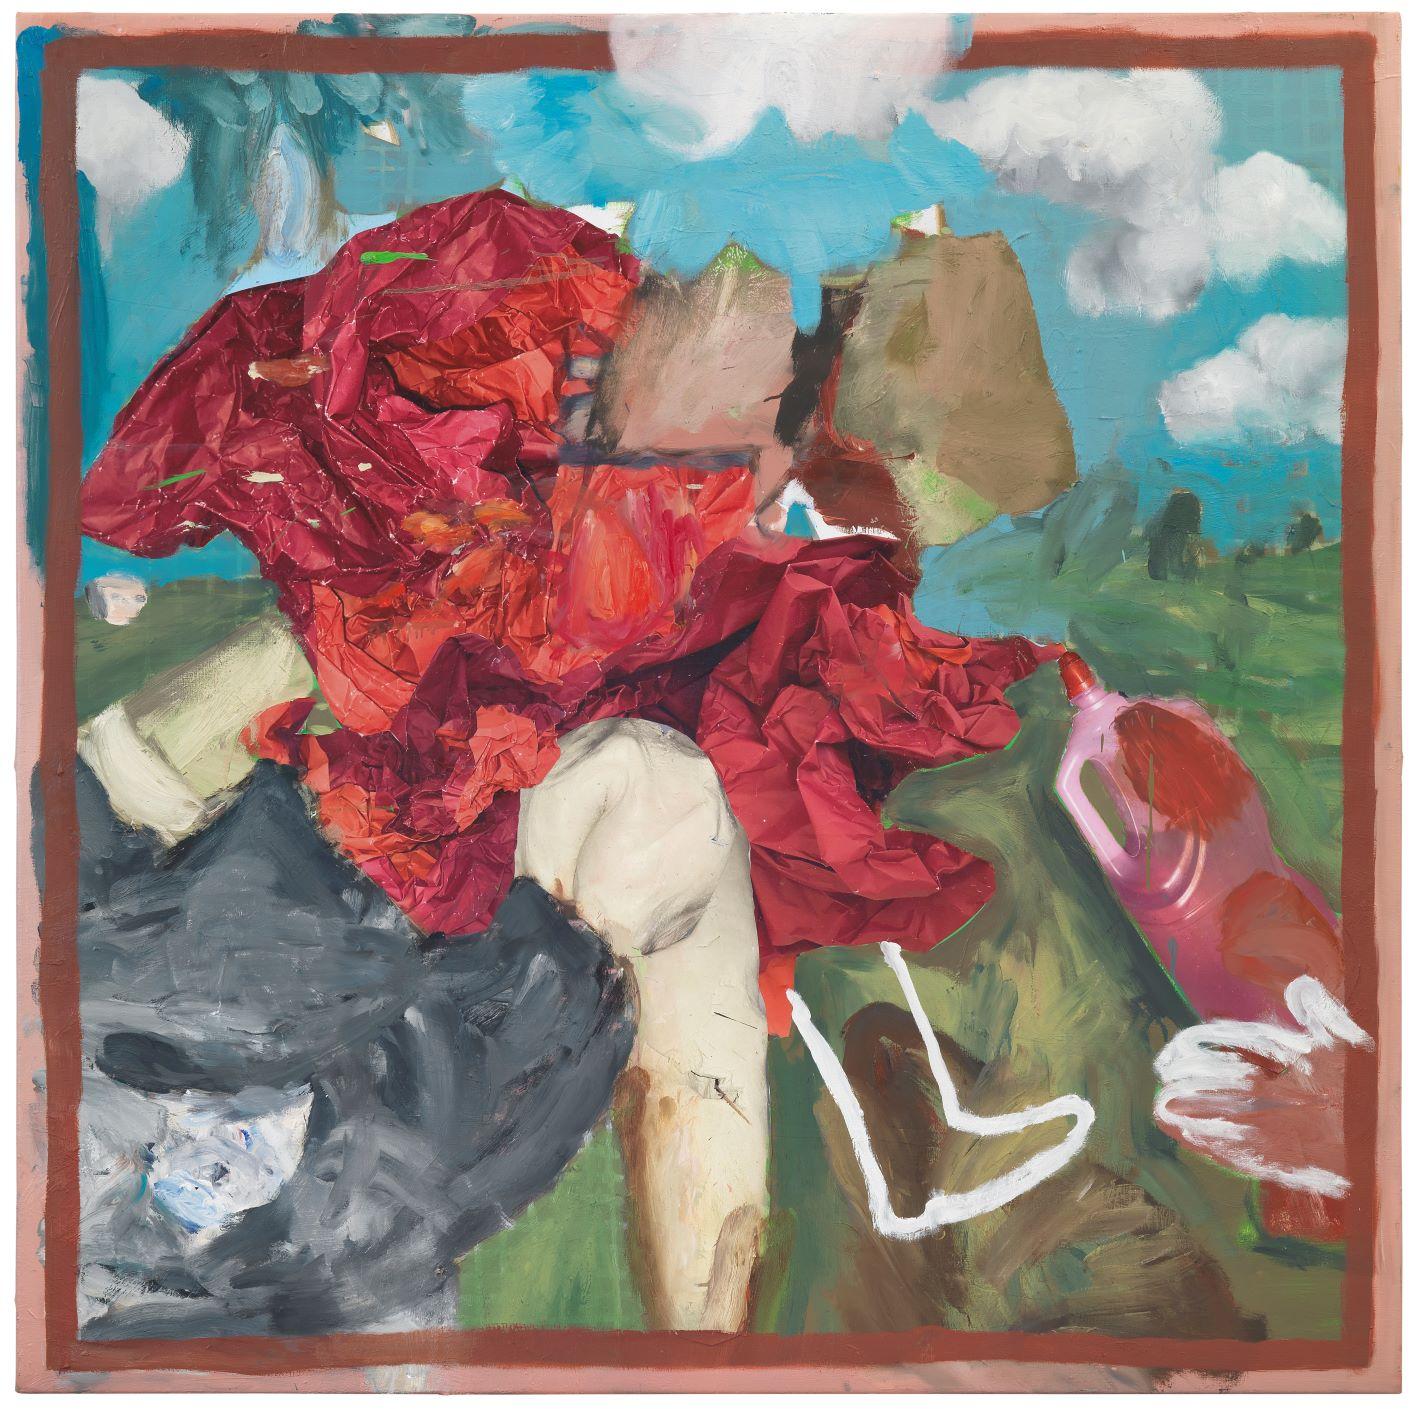 Sabotaggio pittorico e ambivalenza dell'immagine. Intervista al pittore Michele Bubacco